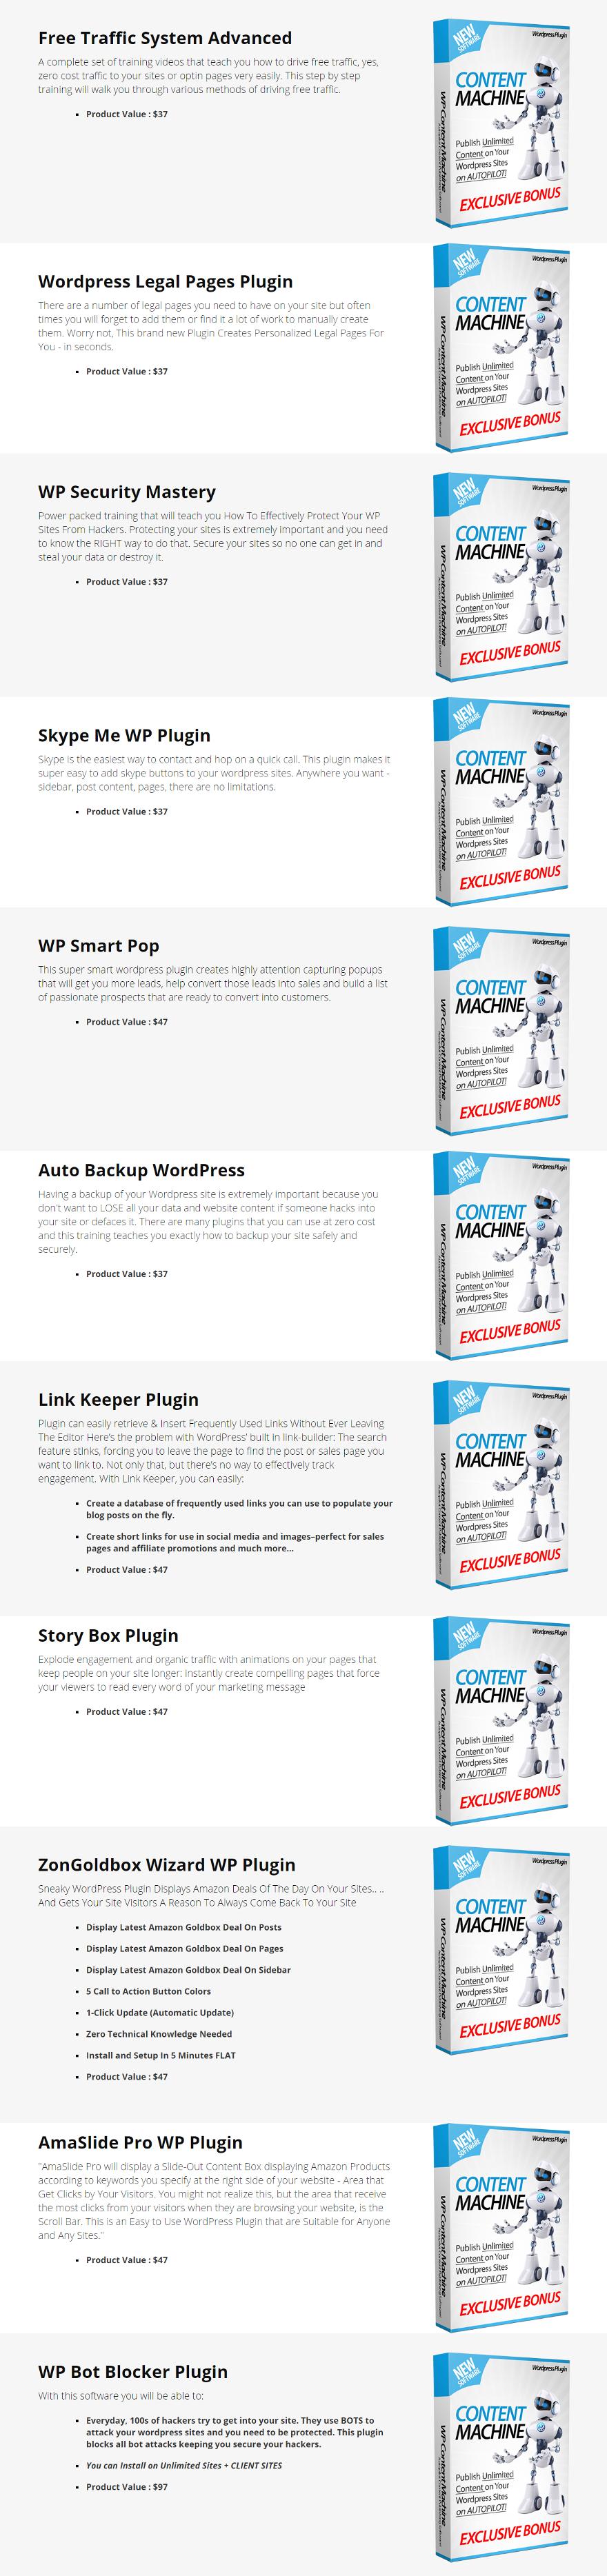 WP Content Machine Bonuses